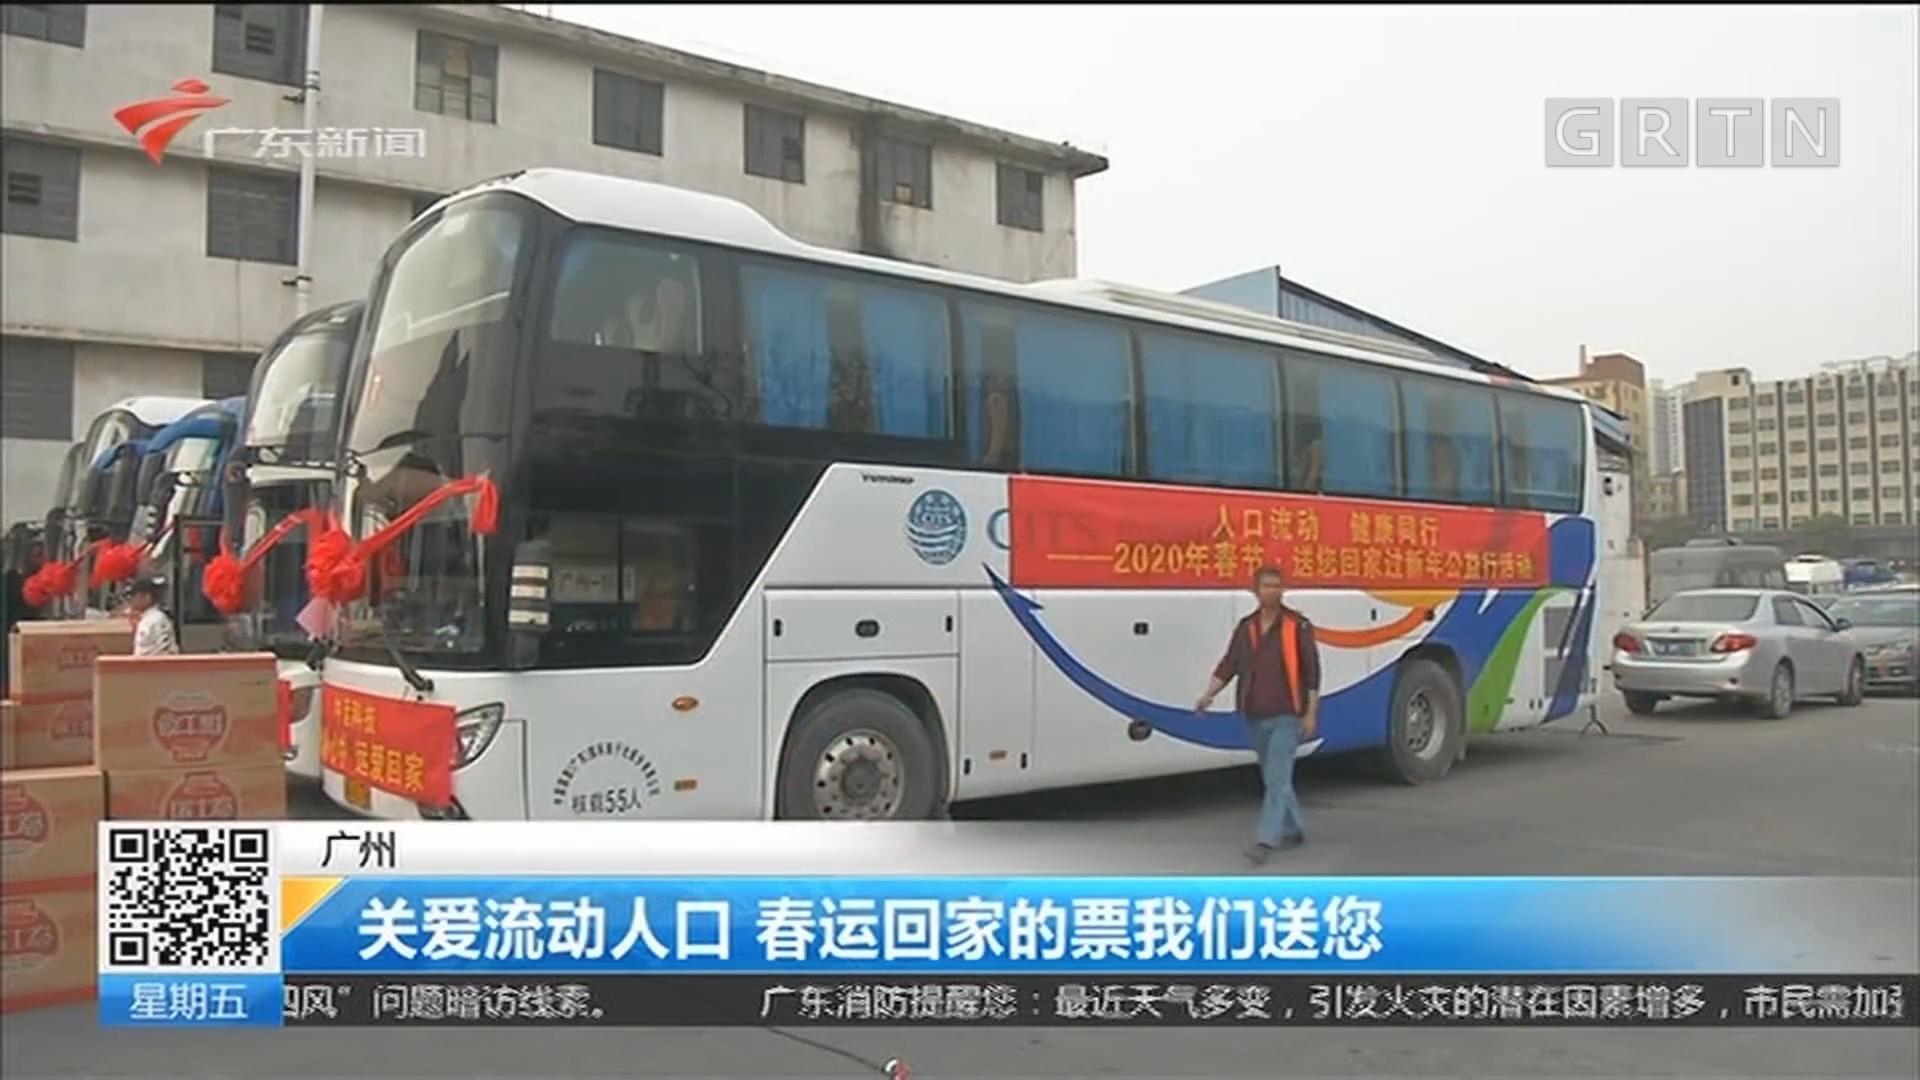 广州 关爱流动人口 春运回家的票我们送您